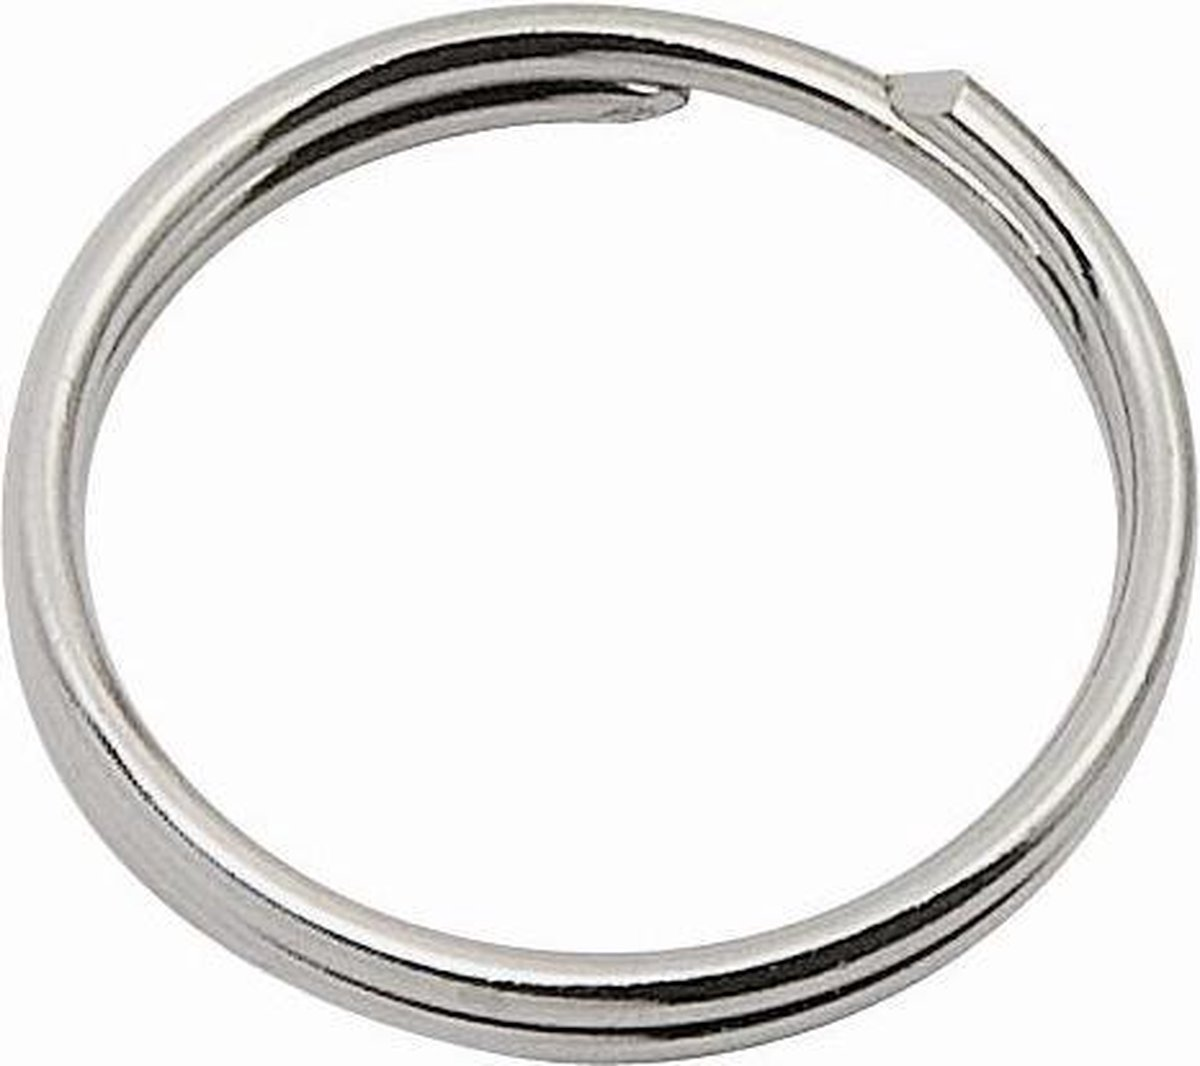 Staal vernikkelde sleutelringen / ringen 24mm - 20 stuks